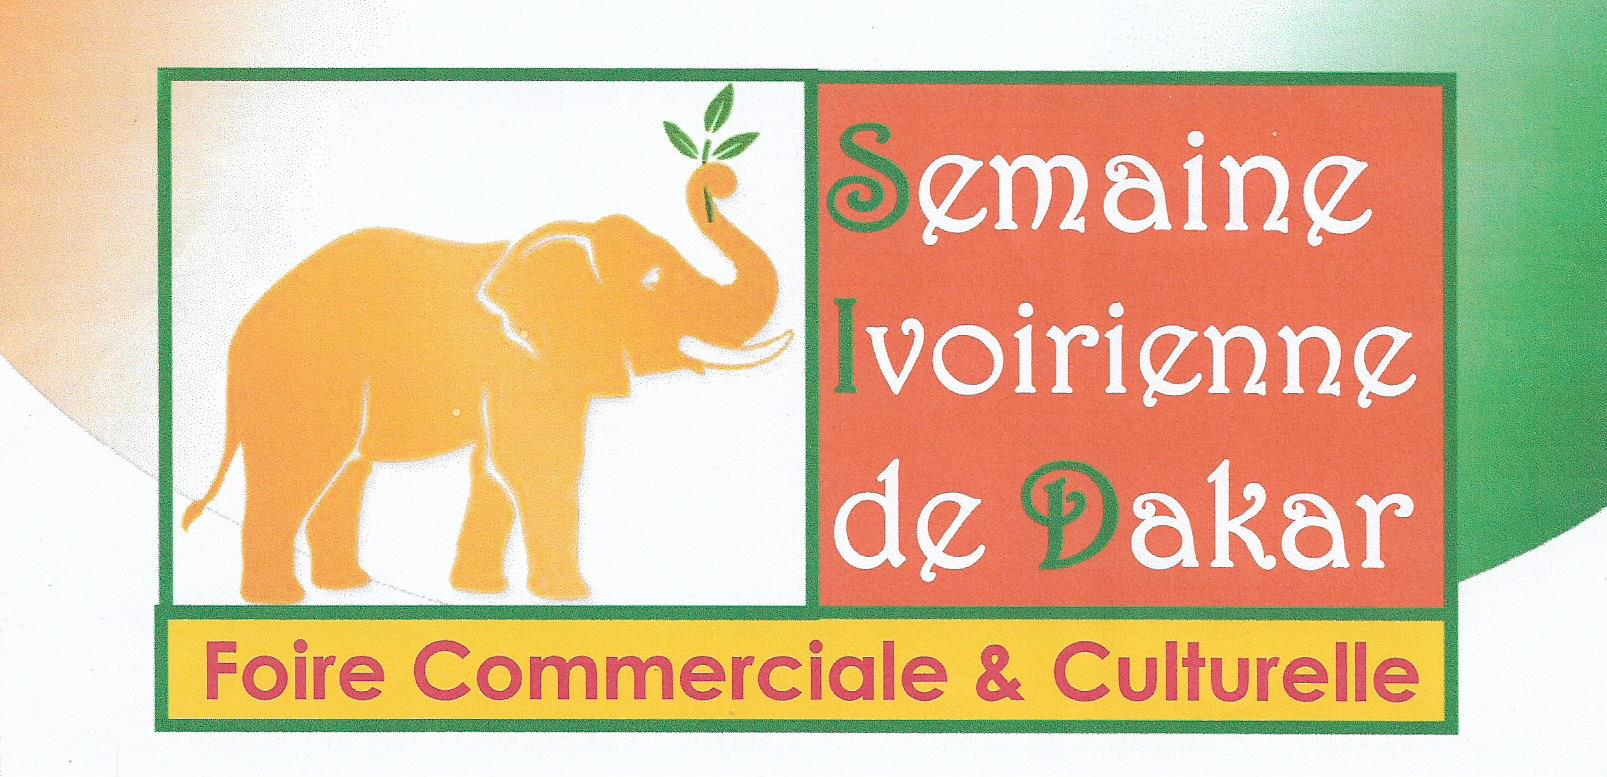 Semaine Ivoirienne de Dakar, pour la promotion de la Côte d'Ivoire au Sénégal